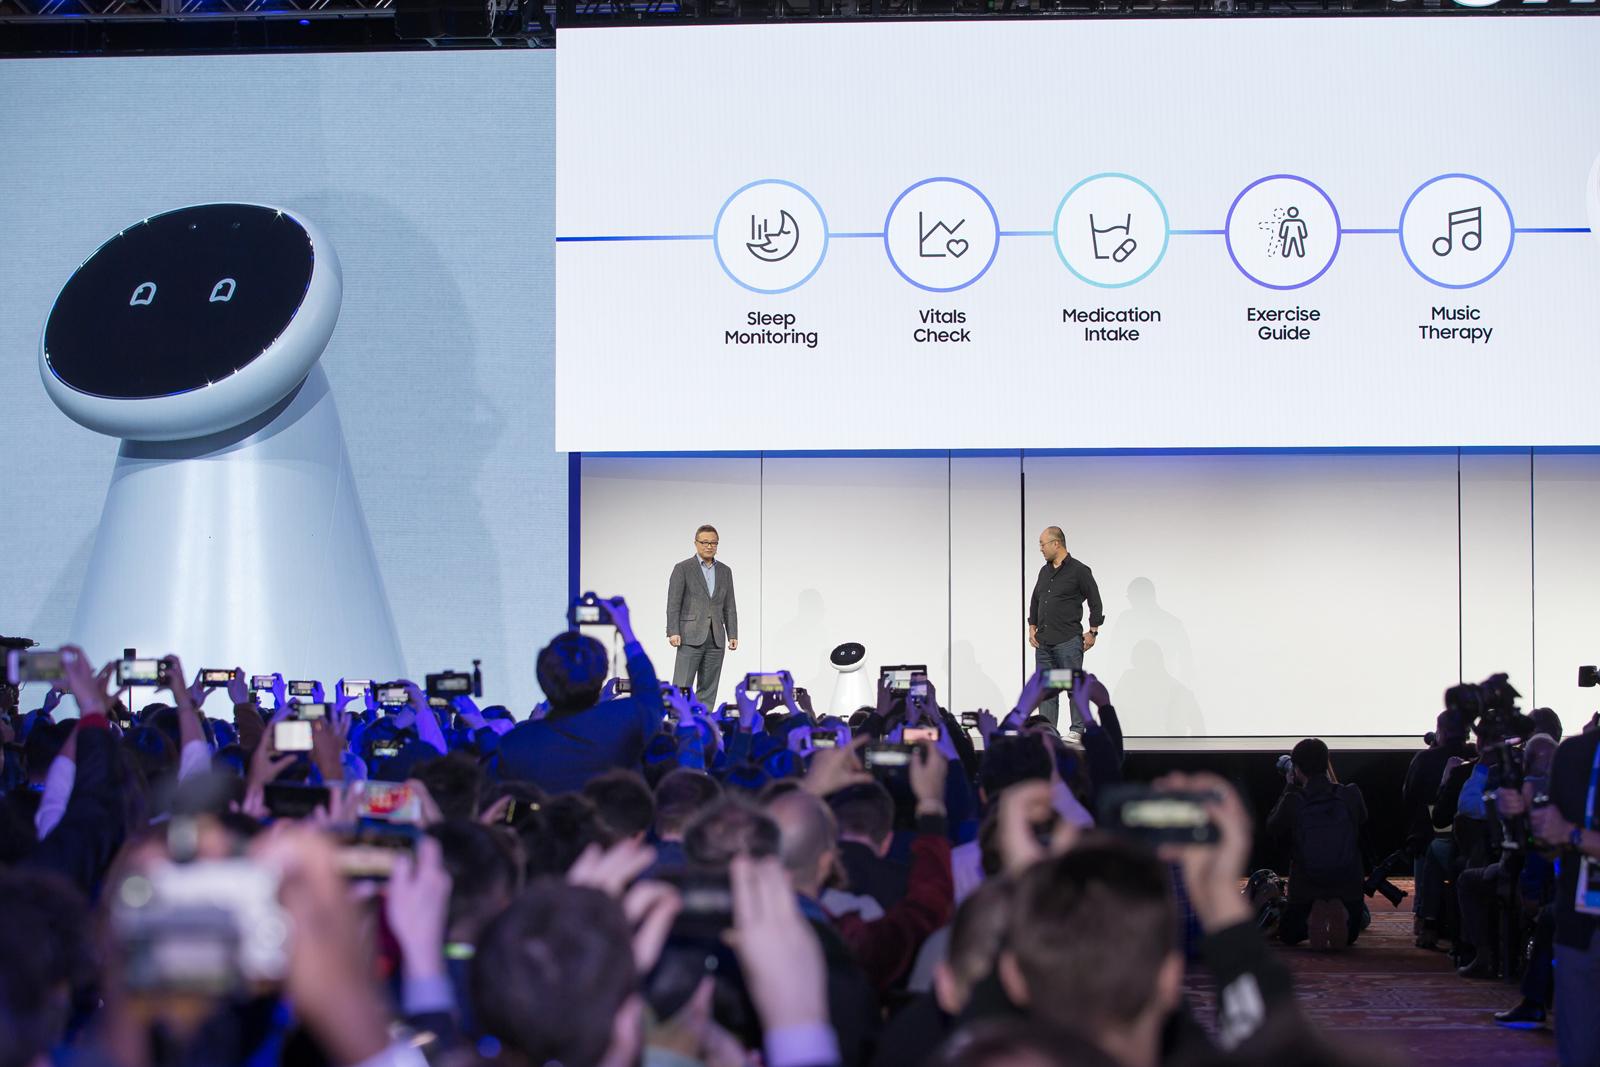 삼성전자 AI센터장 이근배 전무와 미국법인 이윤철 상품혁신 담당임원이 삼성의 하드웨어·소프트웨어·AI기술을 망라한 로봇 플랫폼 '삼성봇(Samsung Bot)'을 소개하고 있다. '삼성봇 케어'는 사용자의 혈압∙심박∙호흡∙수면 상태 측정뿐 아니라 사용자의 건강 이상을 점검하고 복약 관리도 해준다.